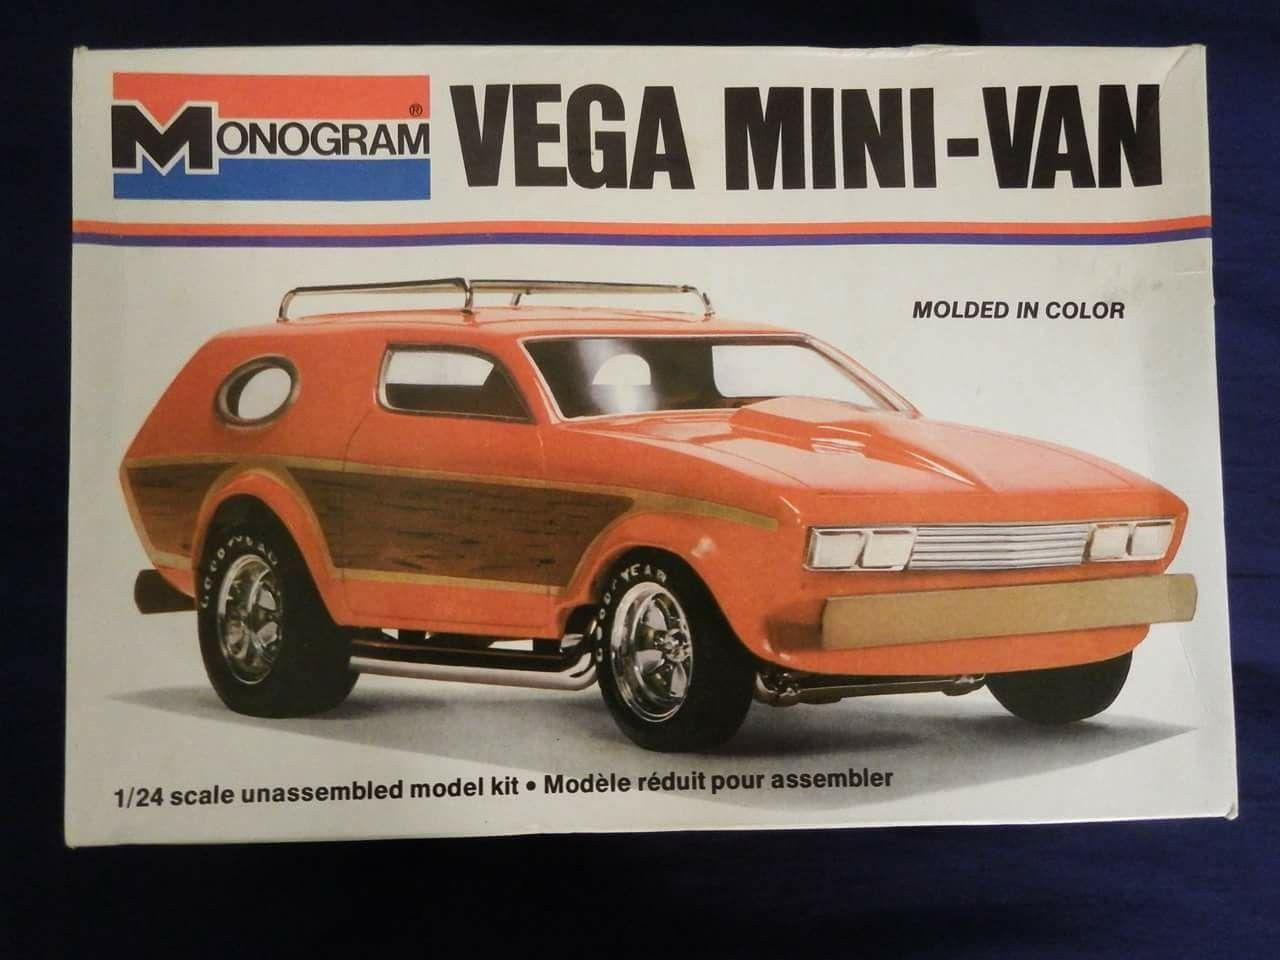 Image result for monogram vega minivan model kit